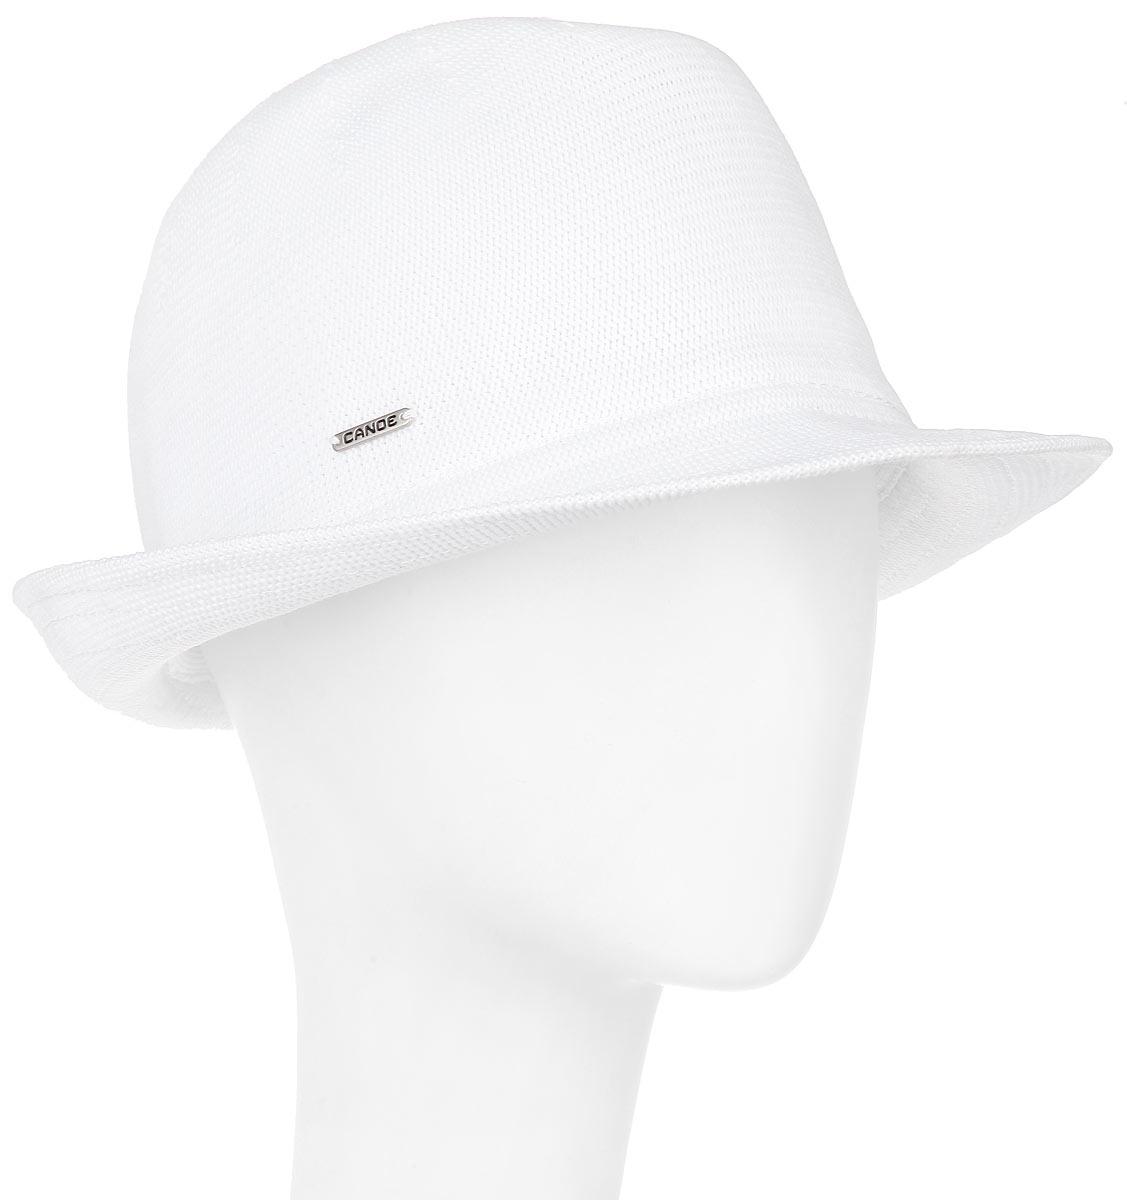 Шляпа Puerto-Rico1967287Модная шляпа Canoe Puerto-Rico, выполненная из полиэстера и акрила, украсит любой наряд. Шляпа оформлена небольшим металлическим логотипом фирмы. Благодаря своей форме, шляпа удобно садится по голове и подойдет к любому стилю. Она легко восстанавливает свою форму после сжатия. Такая шляпка подчеркнет вашу неповторимость и дополнит ваш повседневный образ.